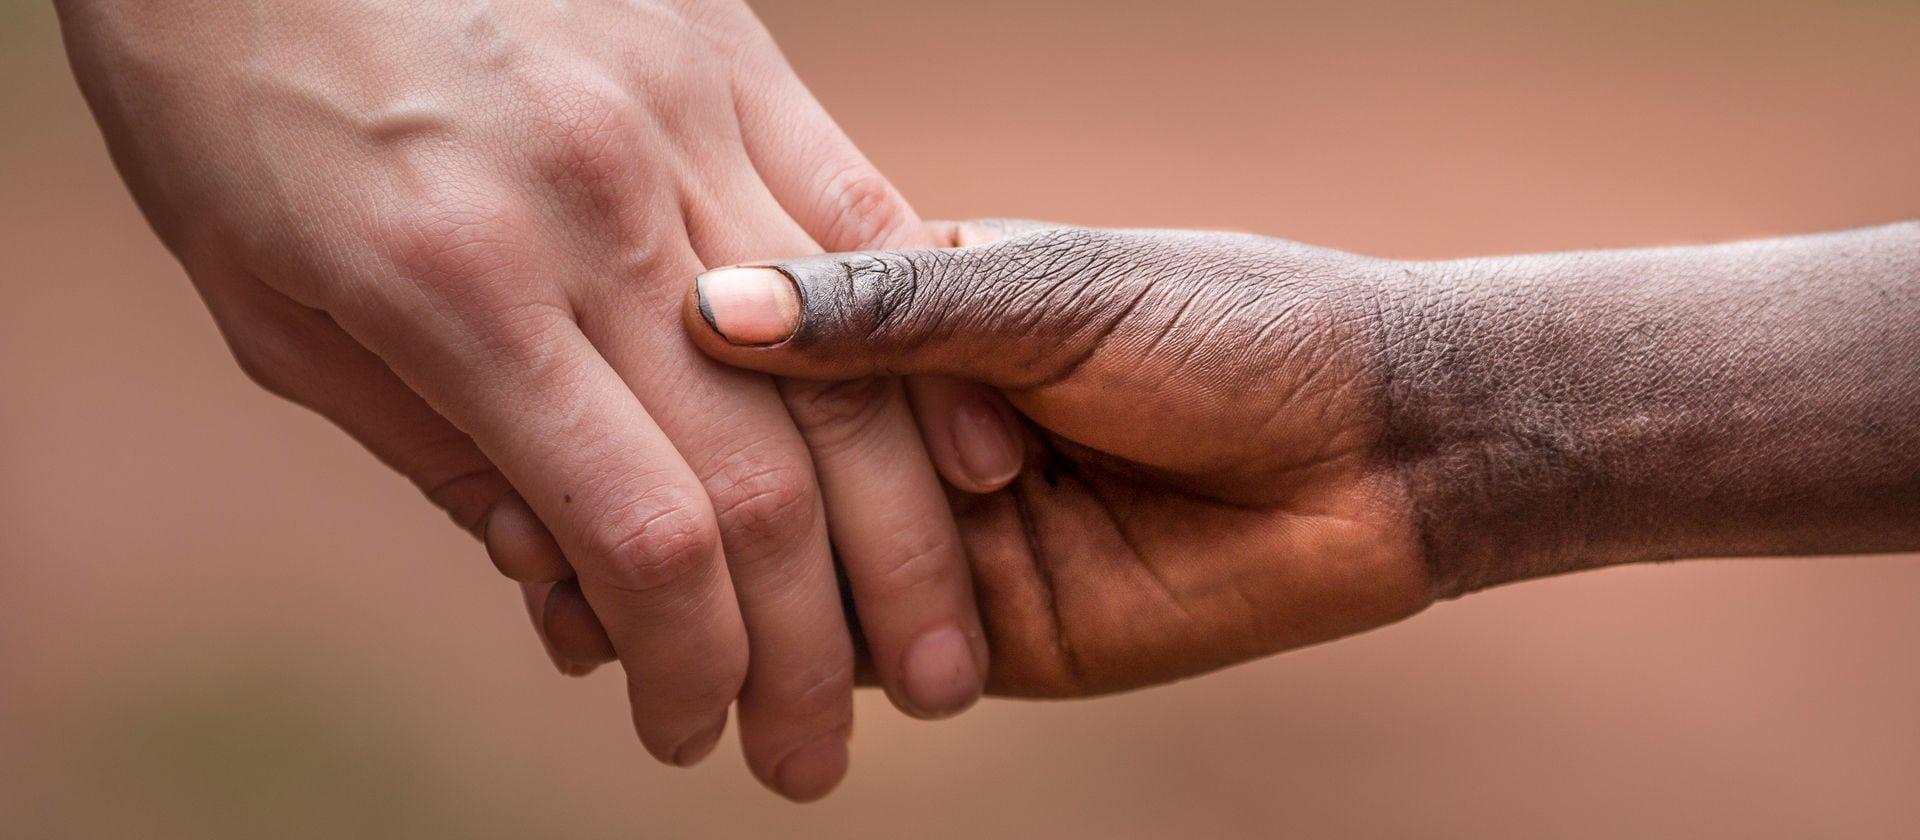 HOC - Humanitarni odzivni center - Photo by Zvone Šeruga (Uganda)